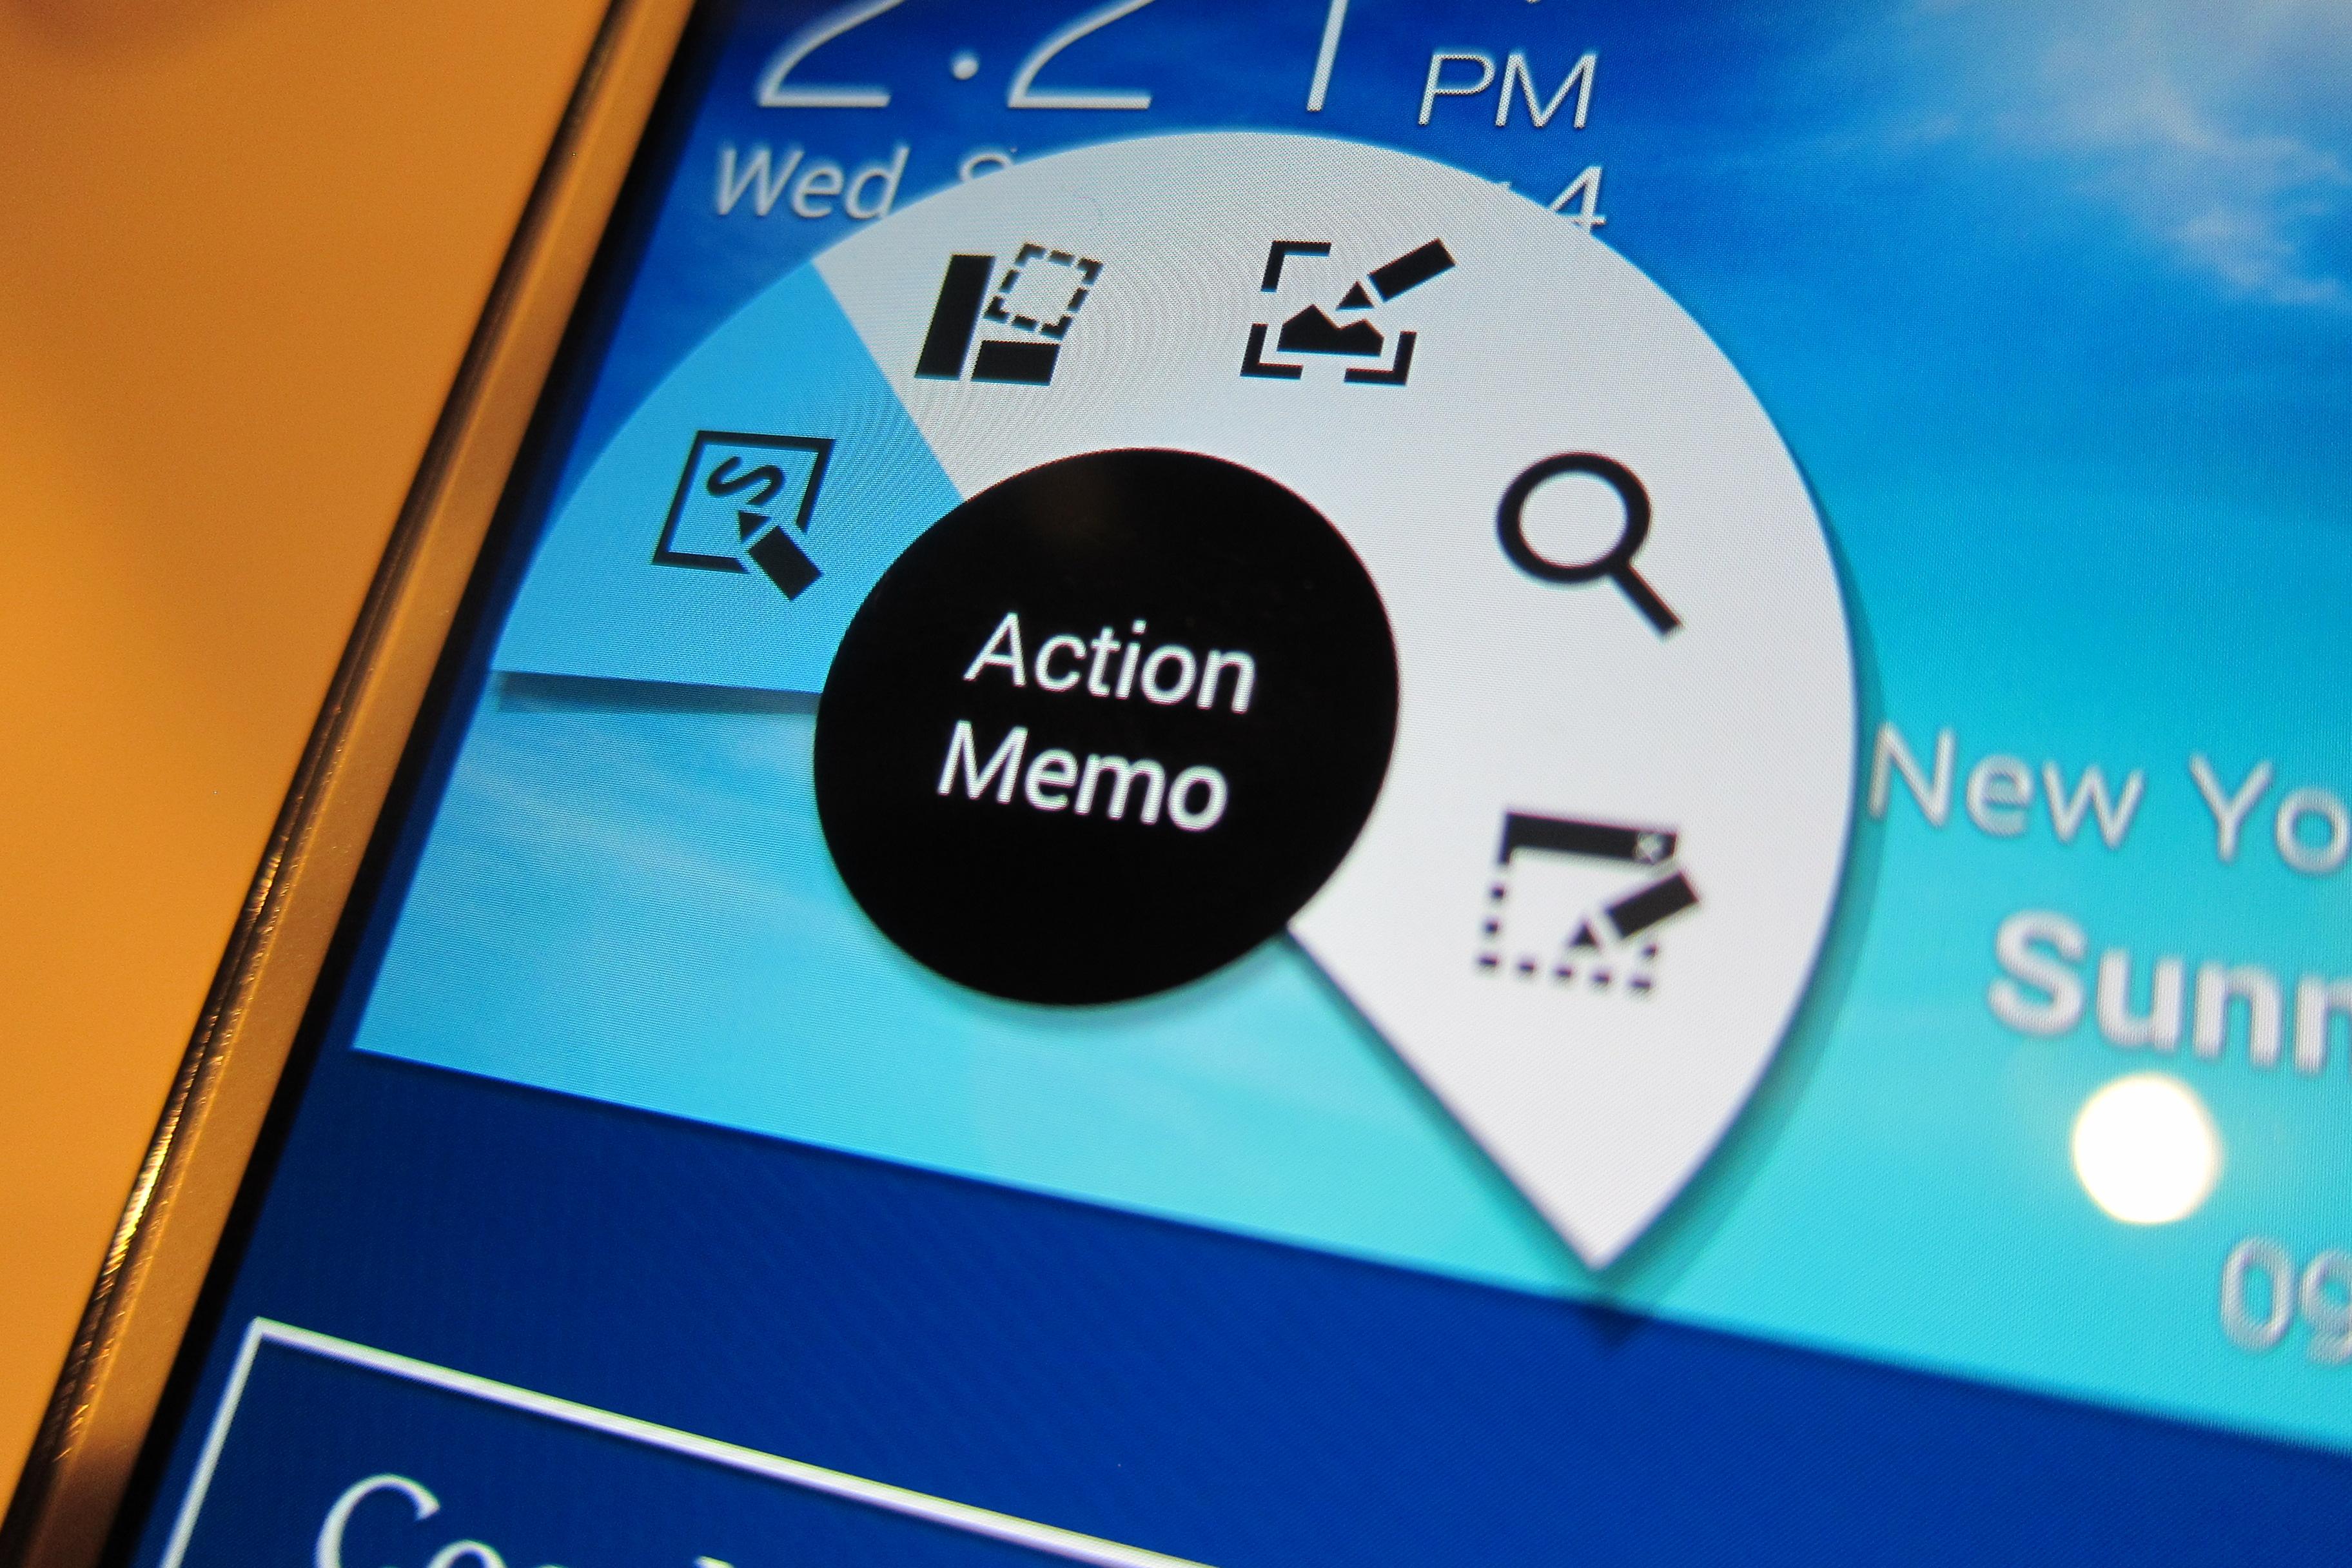 Galaxy Note 3 Action Memo